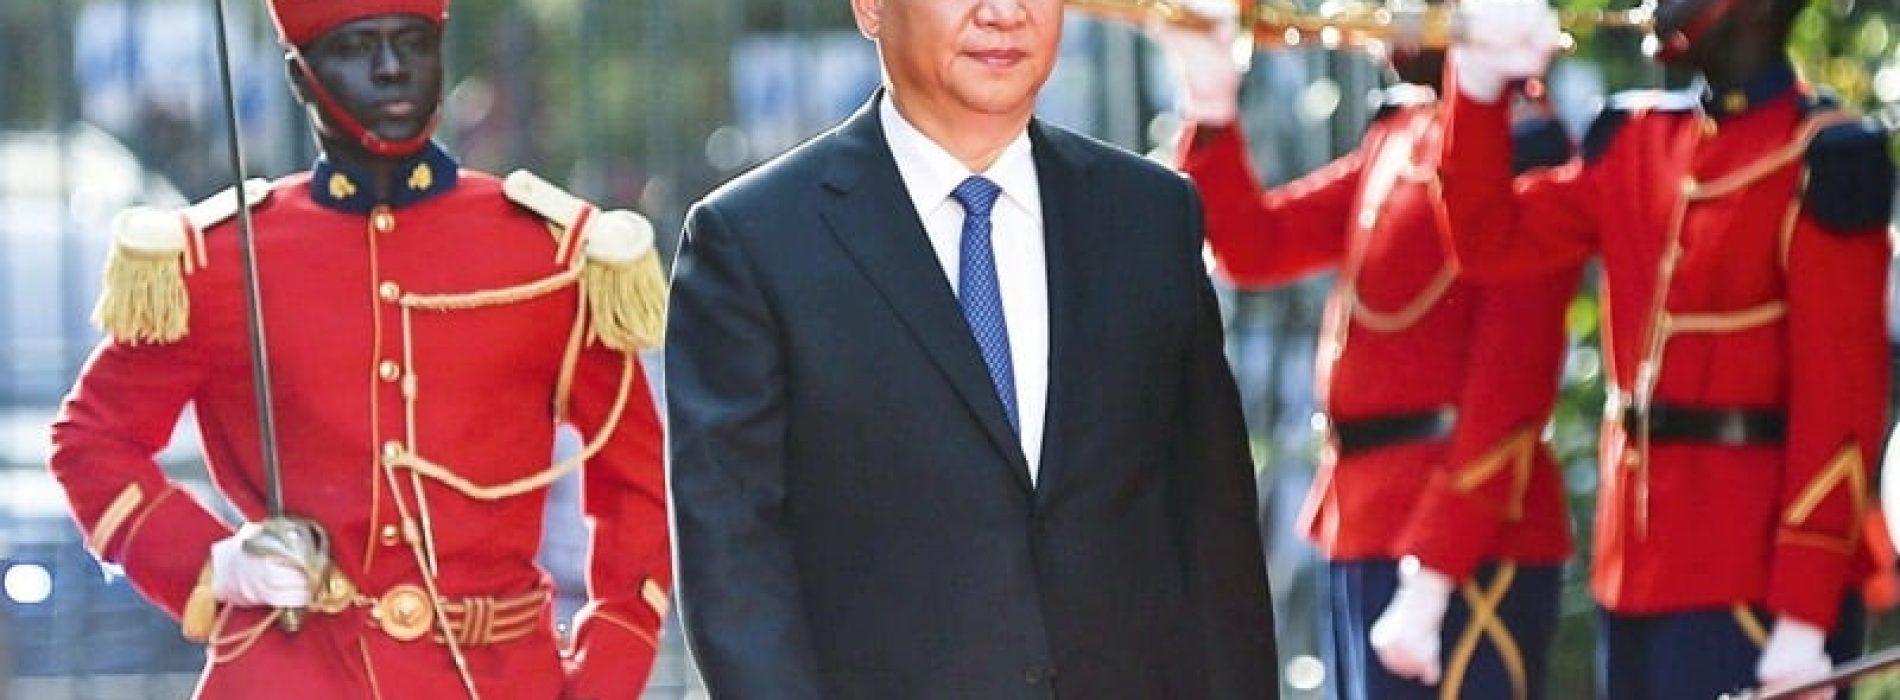 Nel 2021 i paesi africani rimarranno i migliori amici della Cina